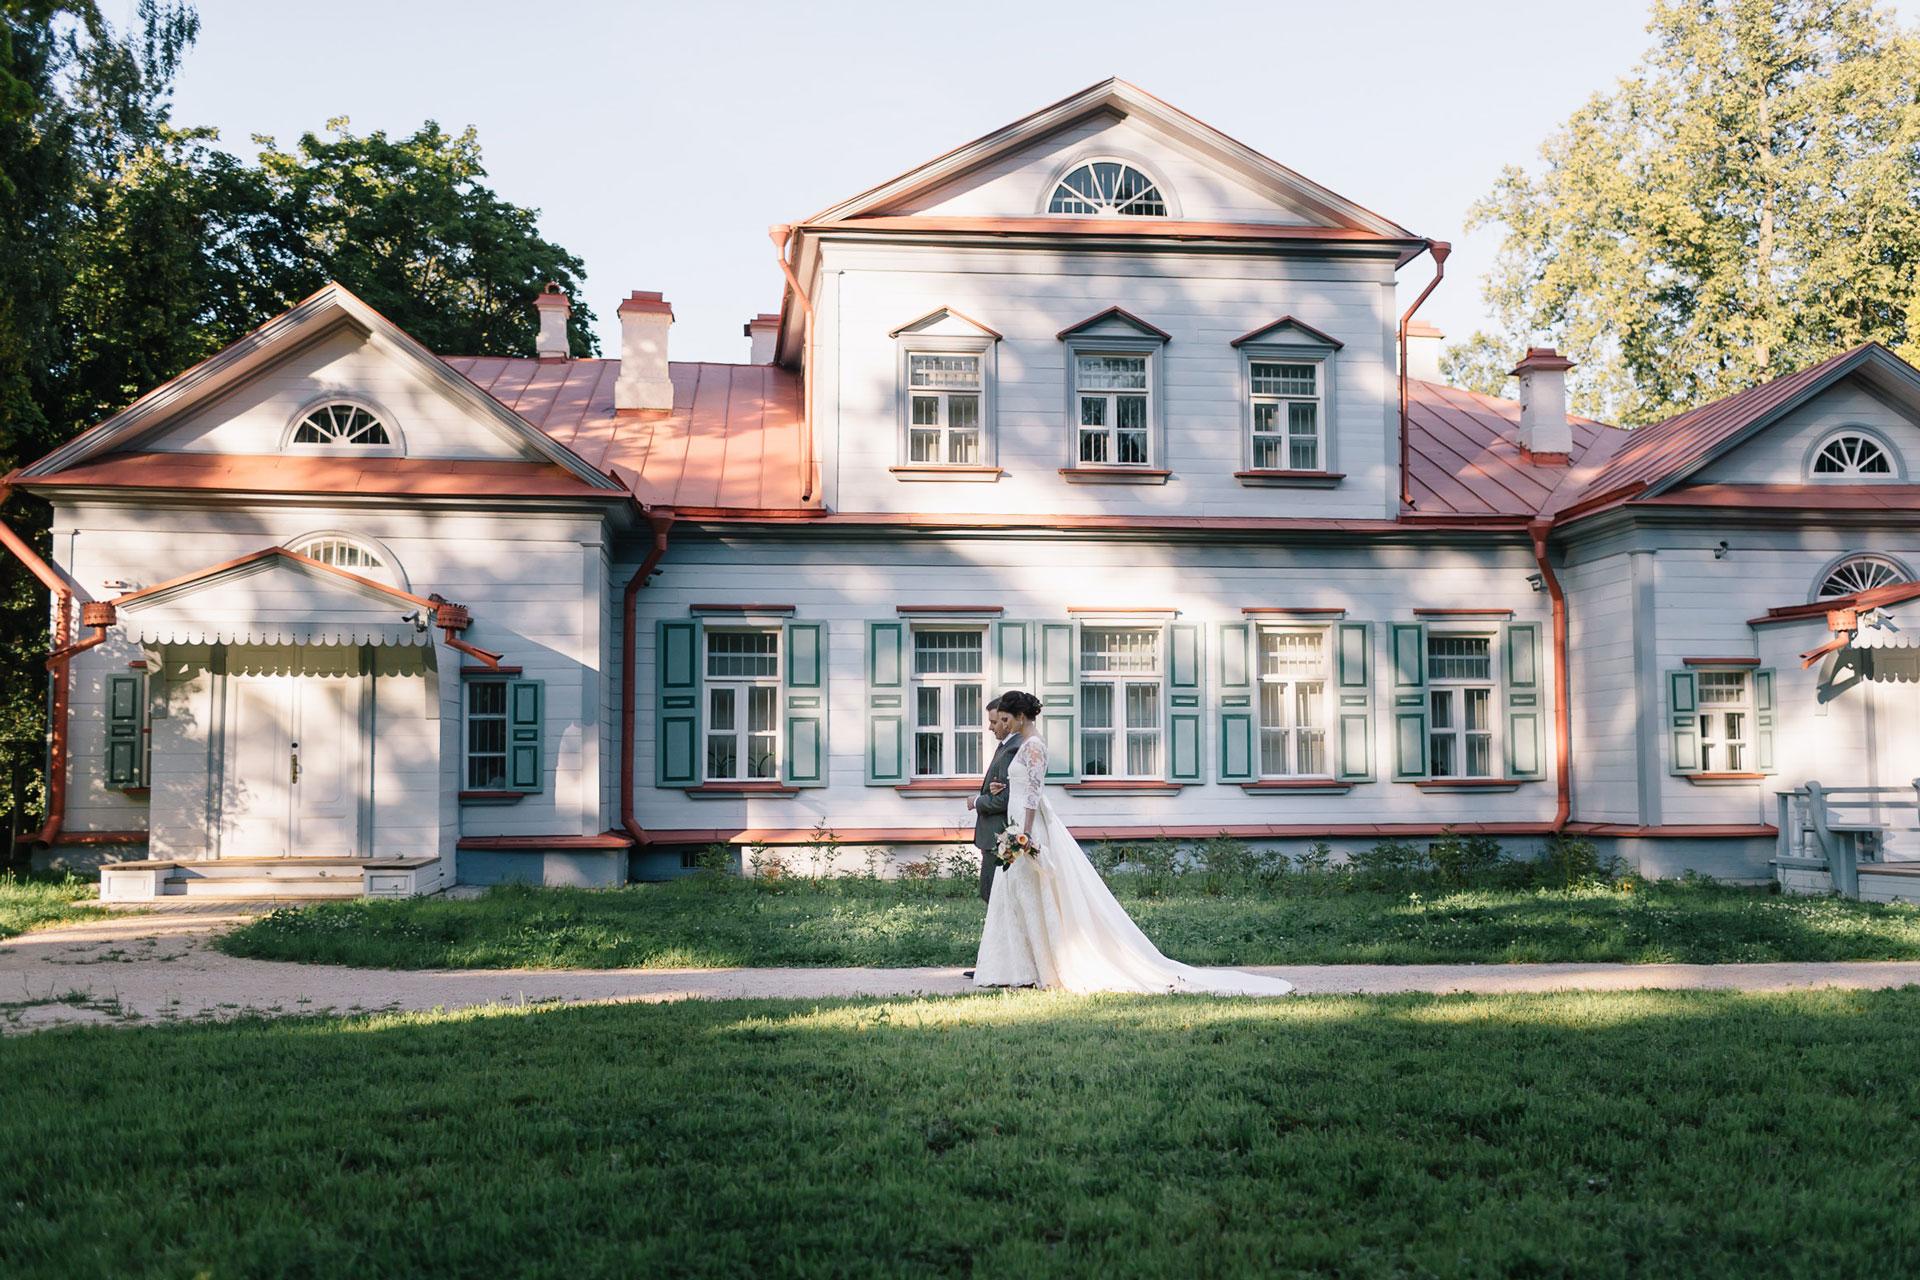 Русская усадьба. Свадьба Антона и Виктории